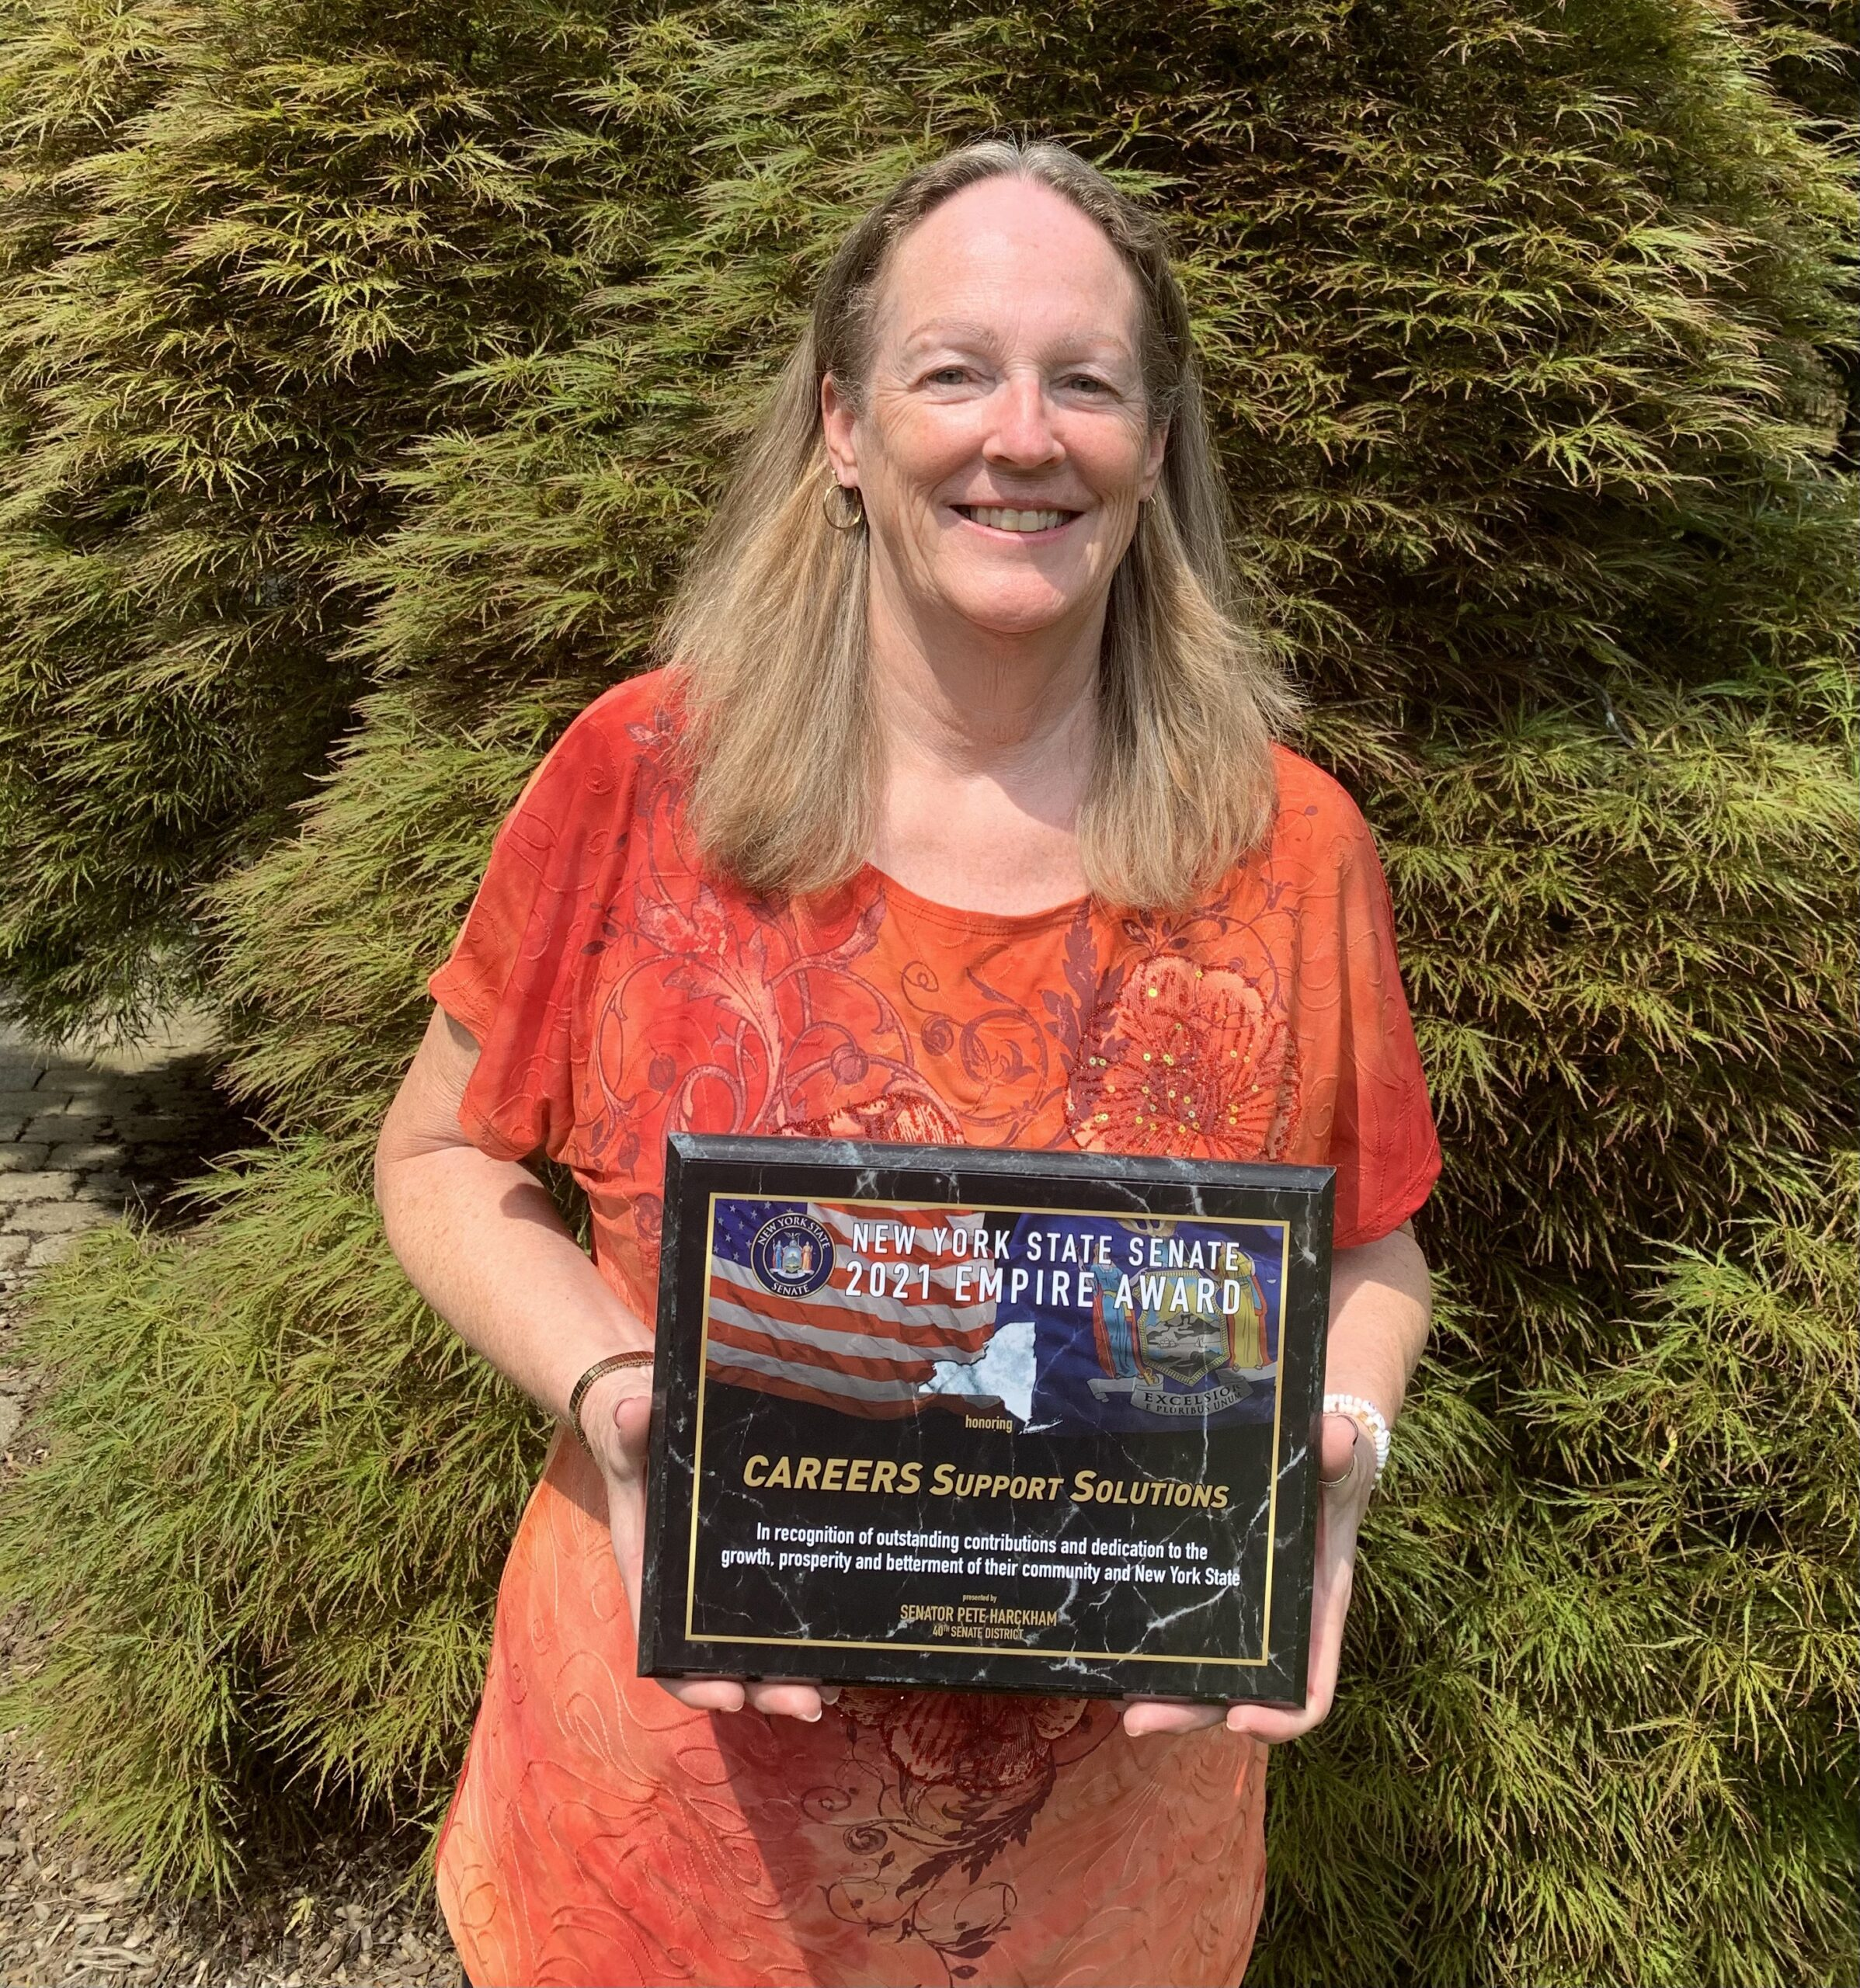 Tina Cornish-Lauria accepts NYS Empire Award